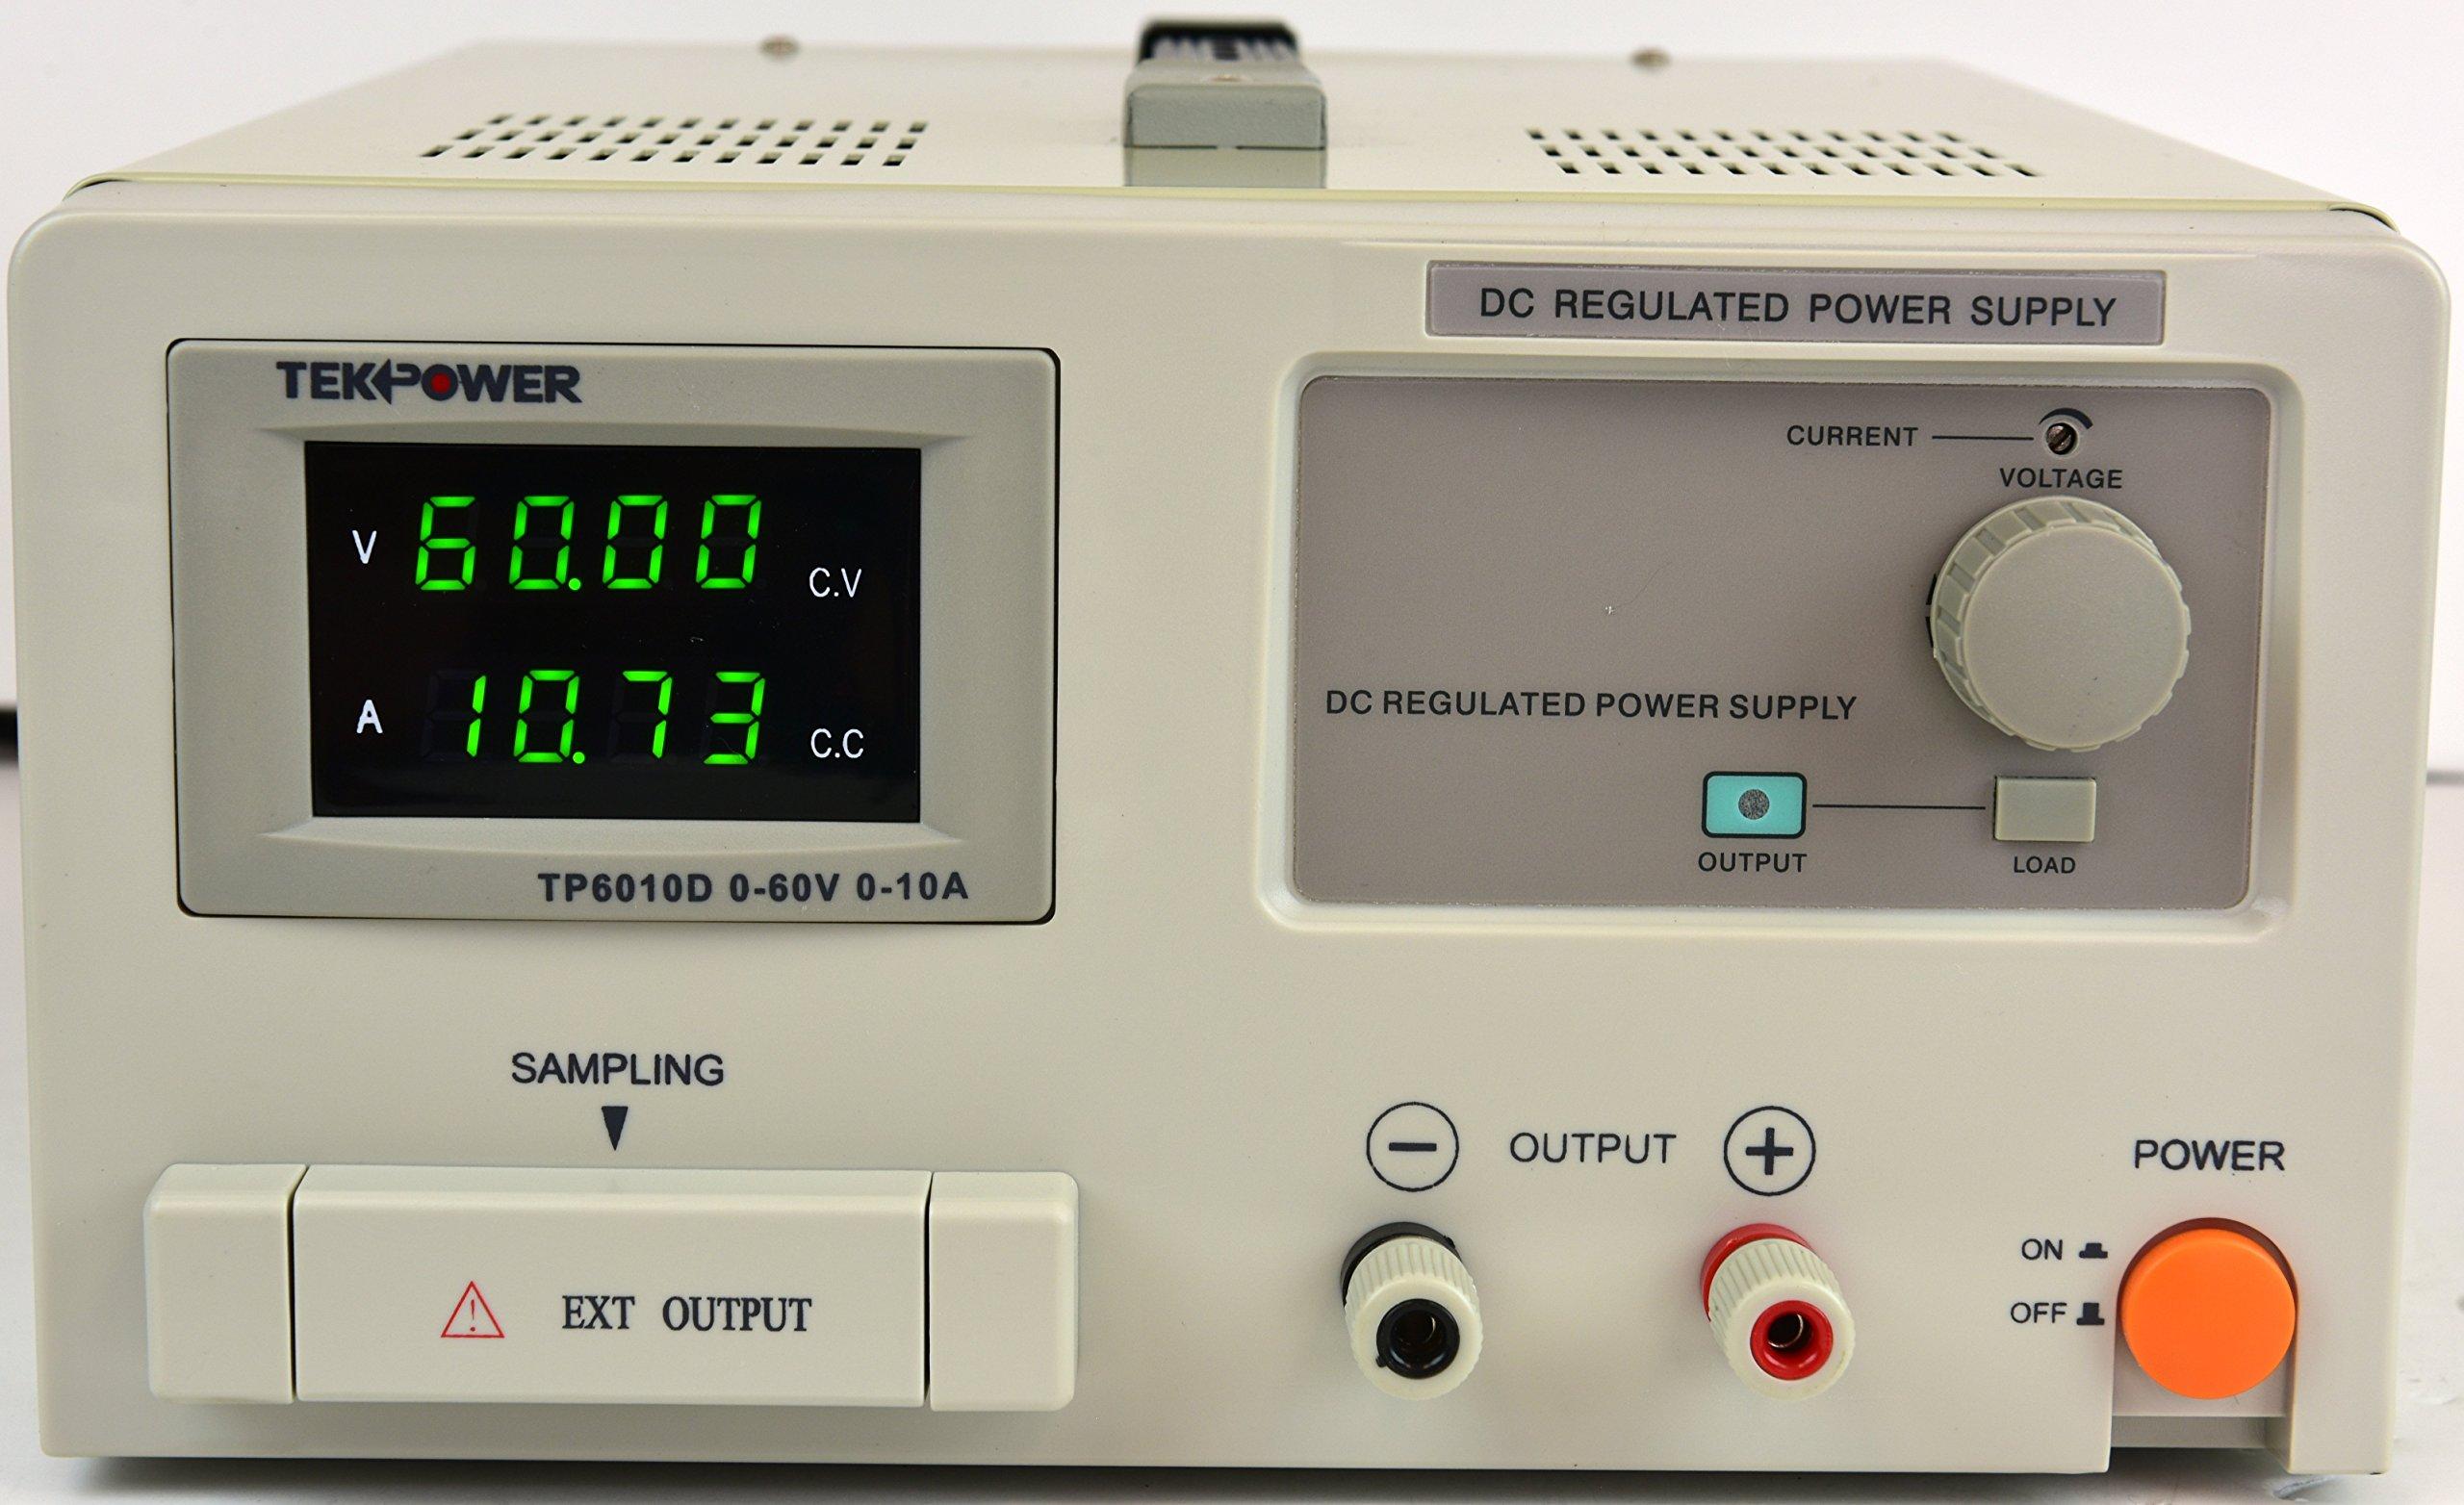 TekPower TP6010D DC Adjustable Regulated Linear Power Supply, Transformer Type Clean Power Source (60Volt/ 10A), Better than Mastech, TP3005D,HY3005D